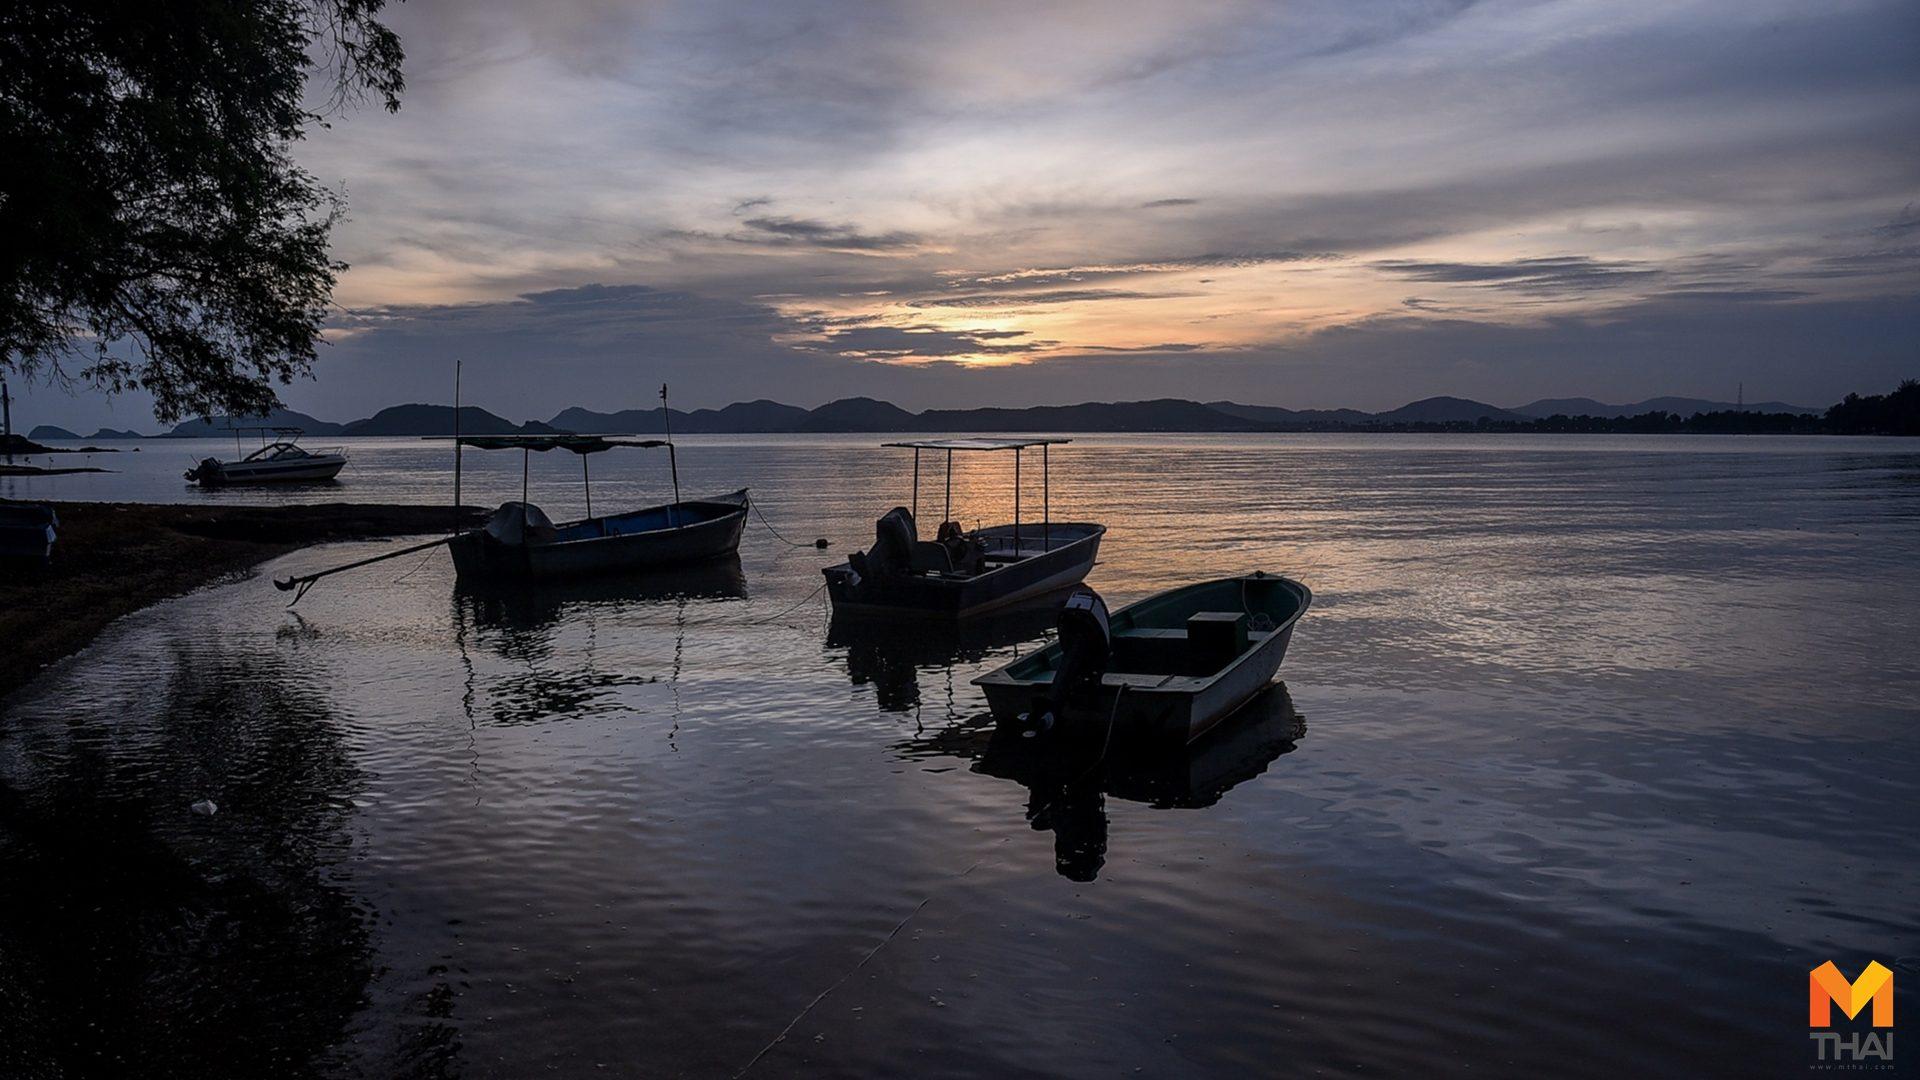 อุตุฯ เตือนภาคใต้ ตะวันออก มีฝนตกหนักบางแห่ง – กทม.ฝนตก 30%